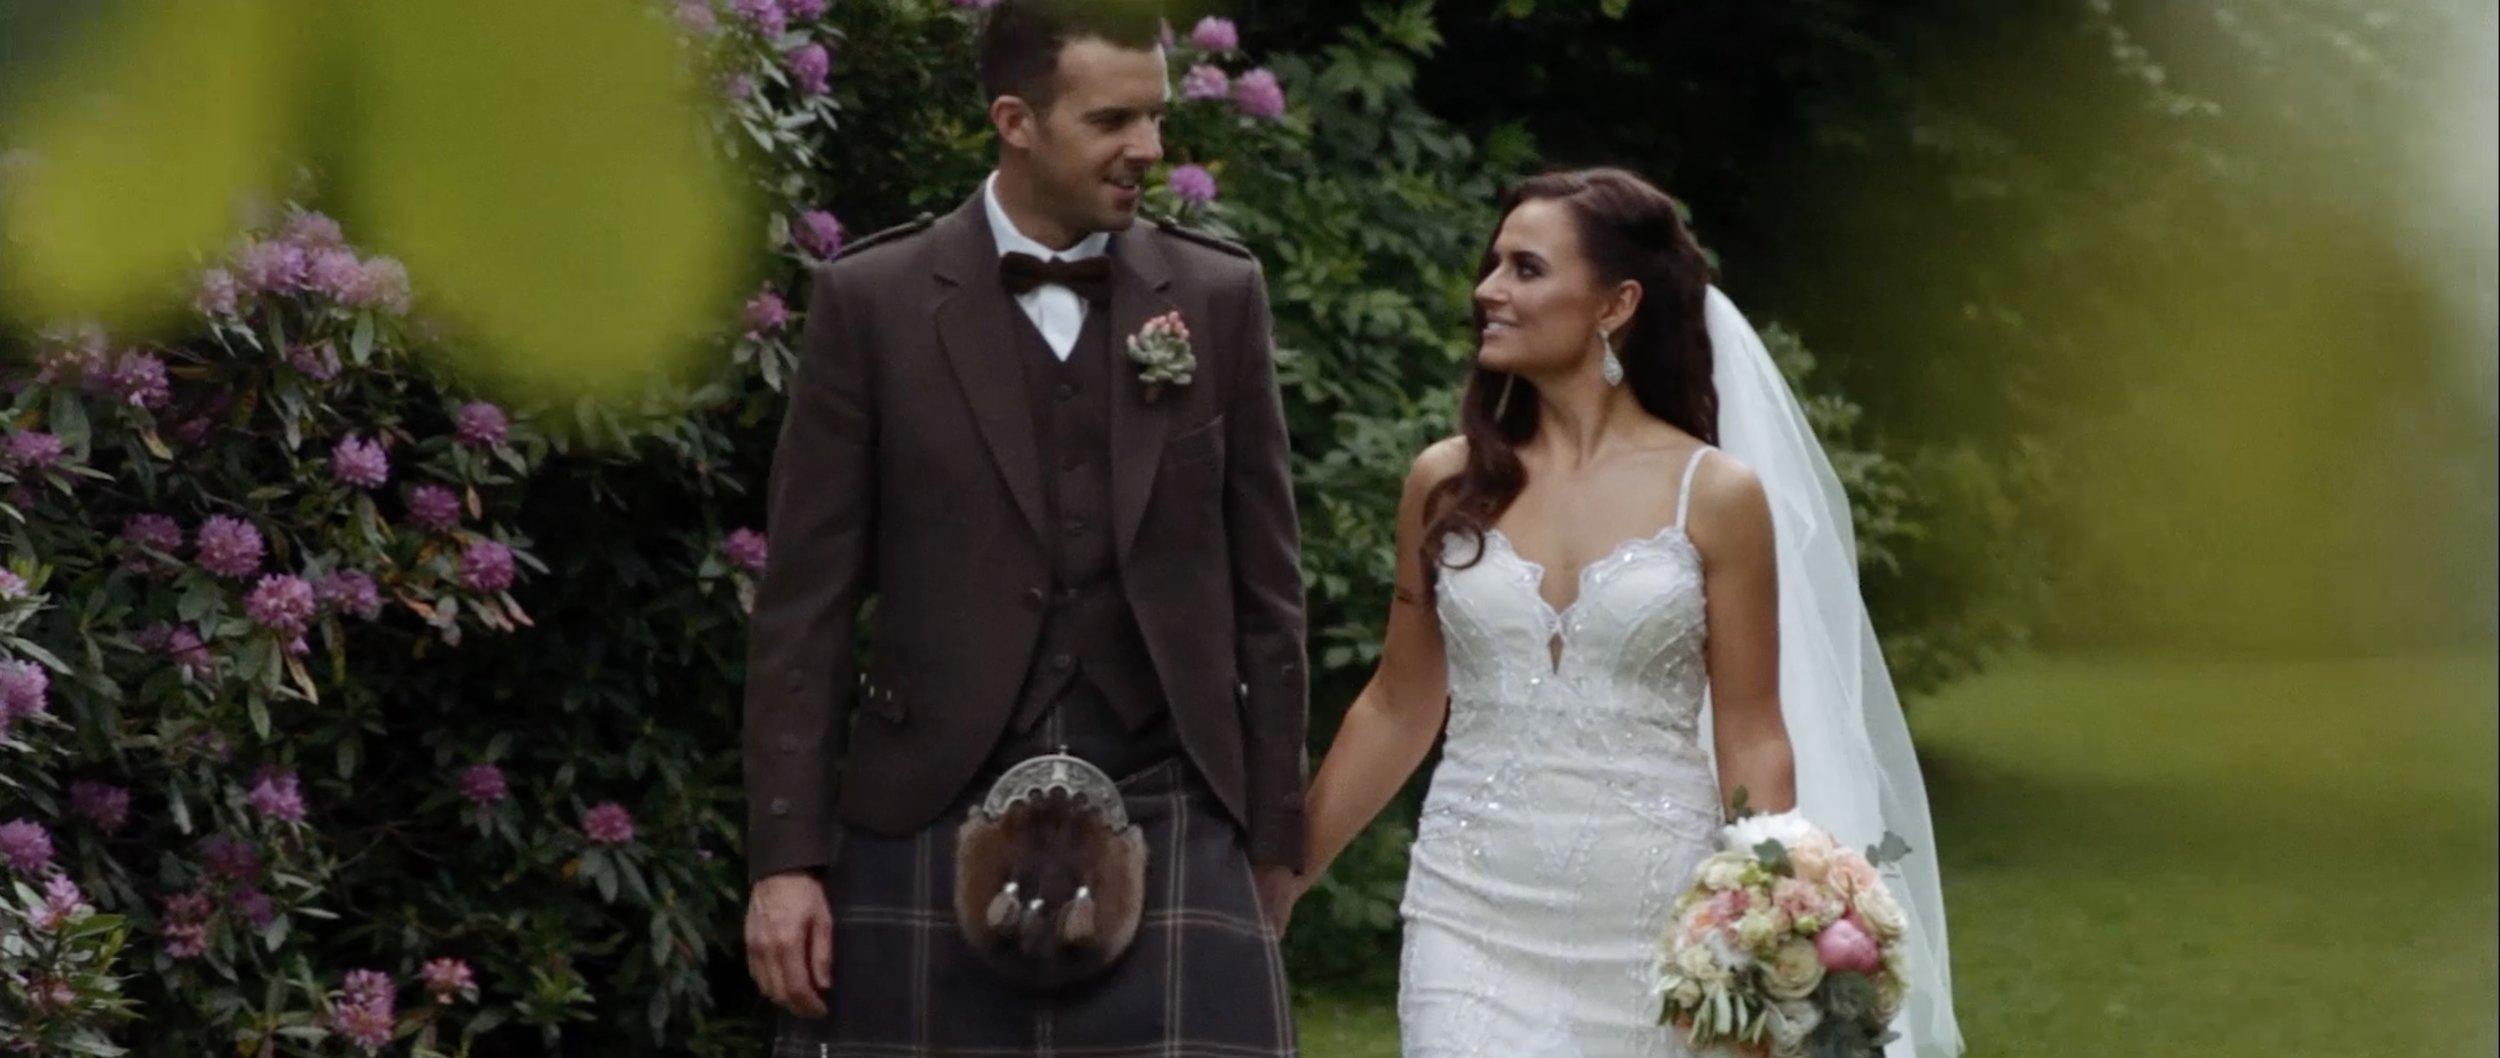 baad-wedding-videographer_LL_06.jpg